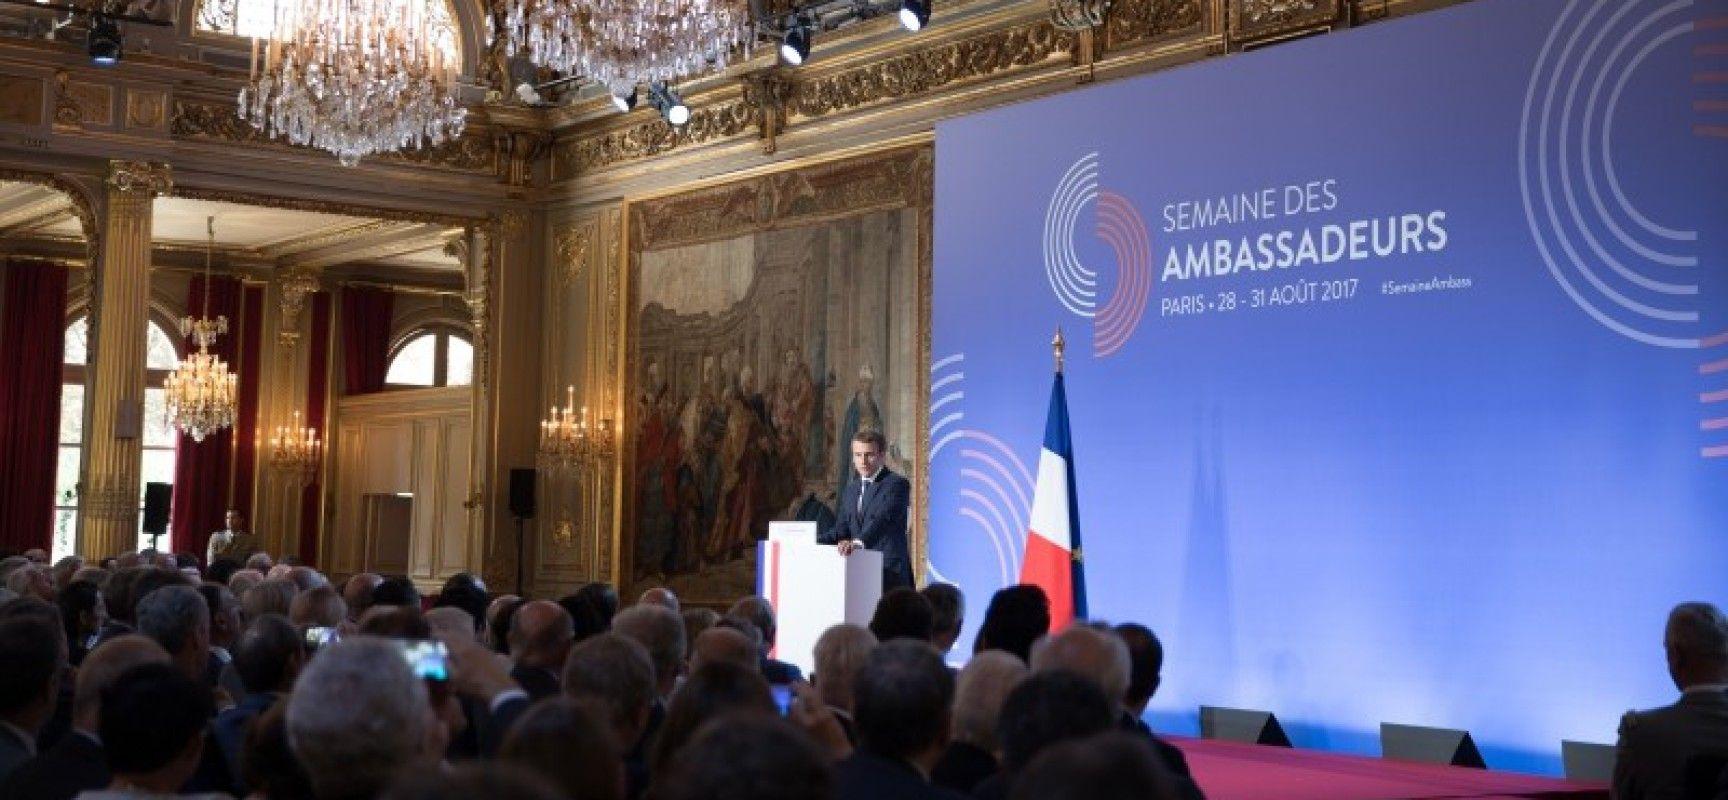 Selon Emmanuel Macron, le temps de la